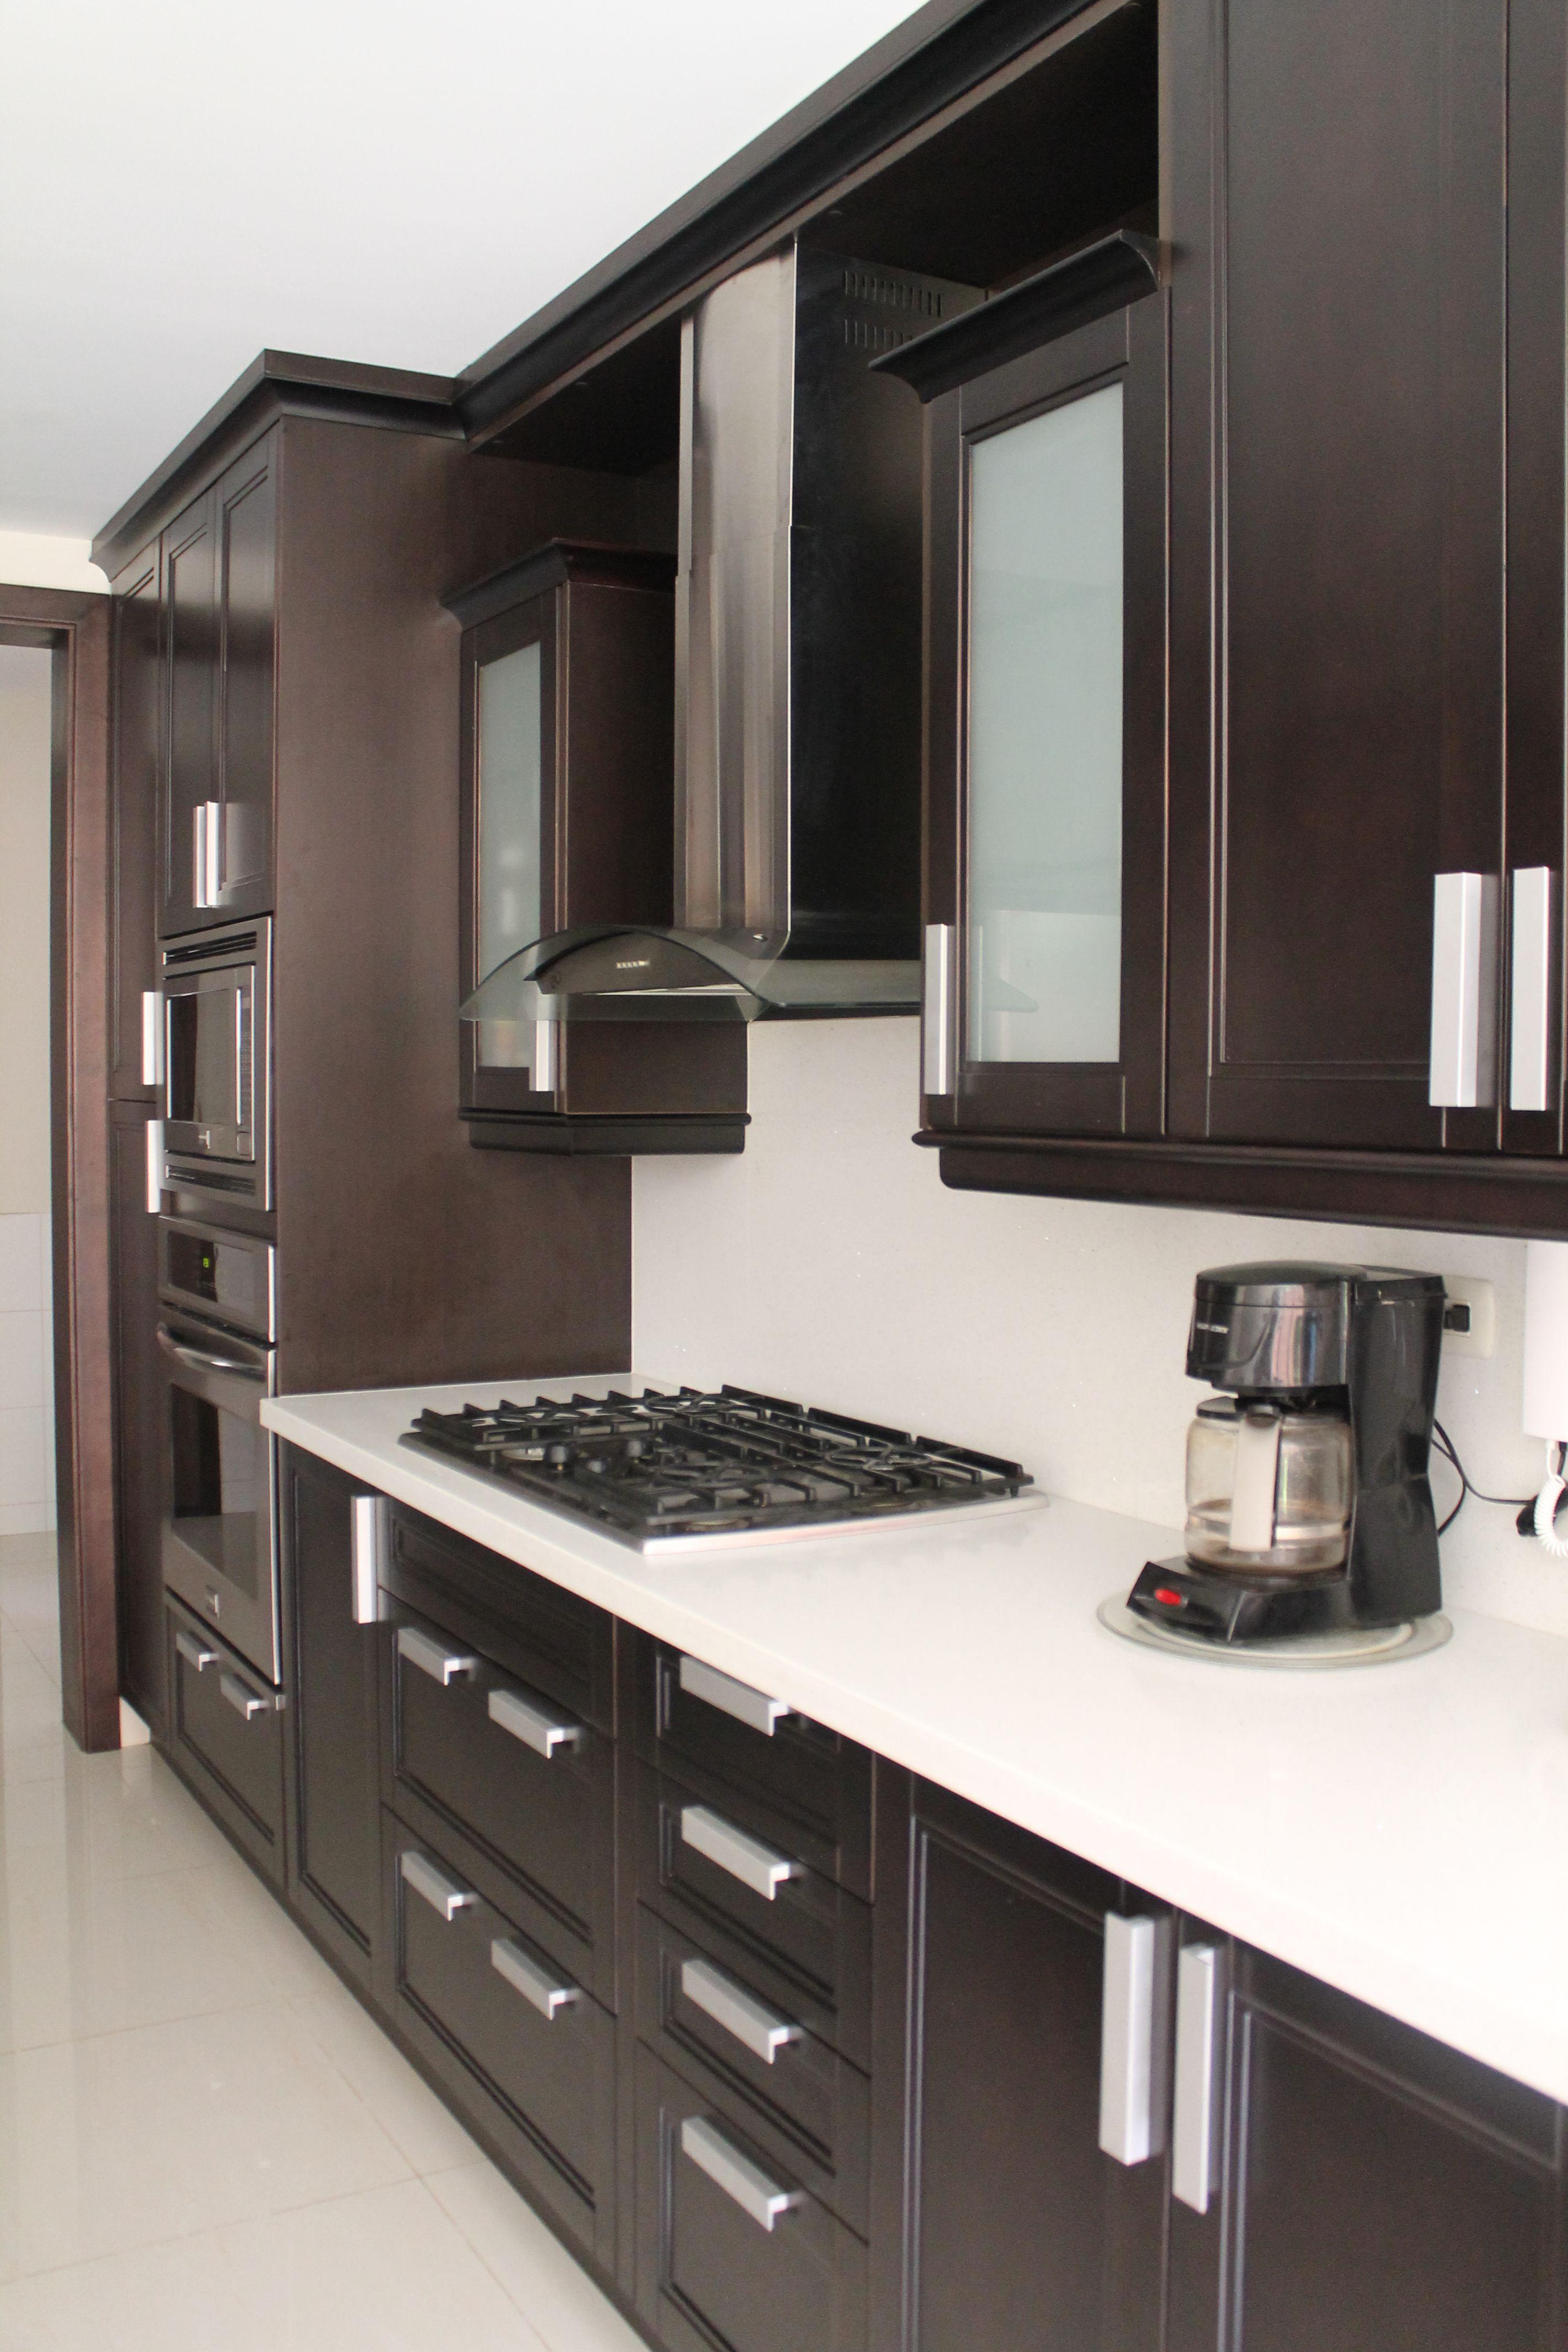 Cocina valencia wengu con cuarzo blanco tiempos de for Cocinas modernas apartamentos